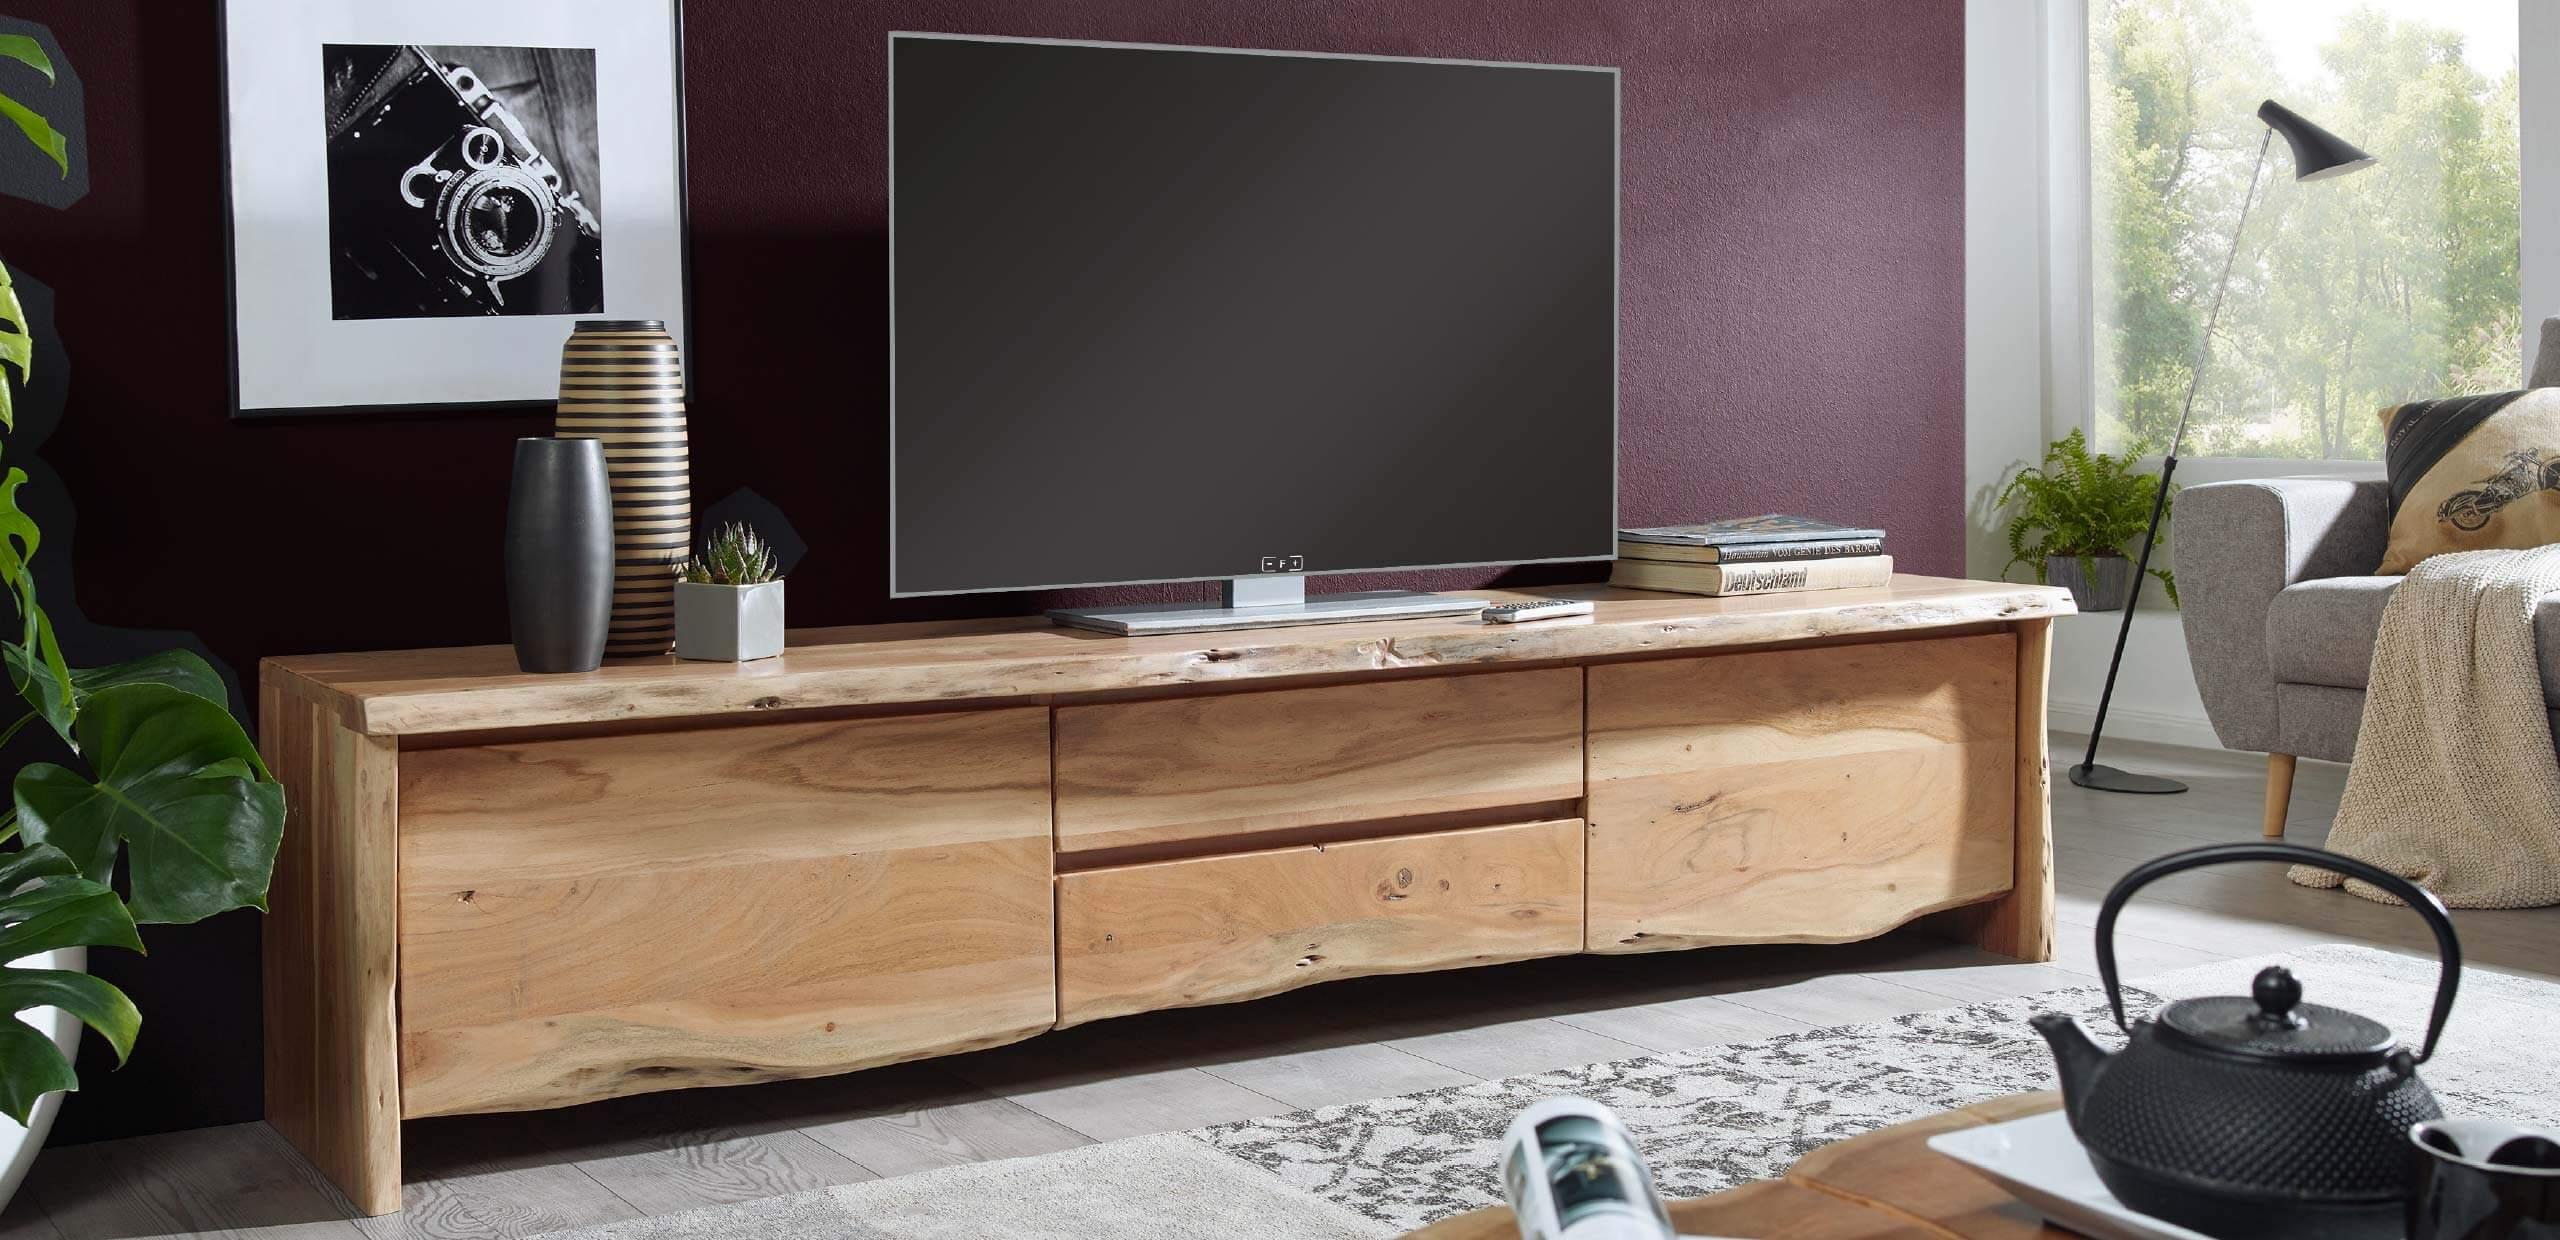 Massivholzmöbel aus Akazie: Massivmöbel aus Akazienholz